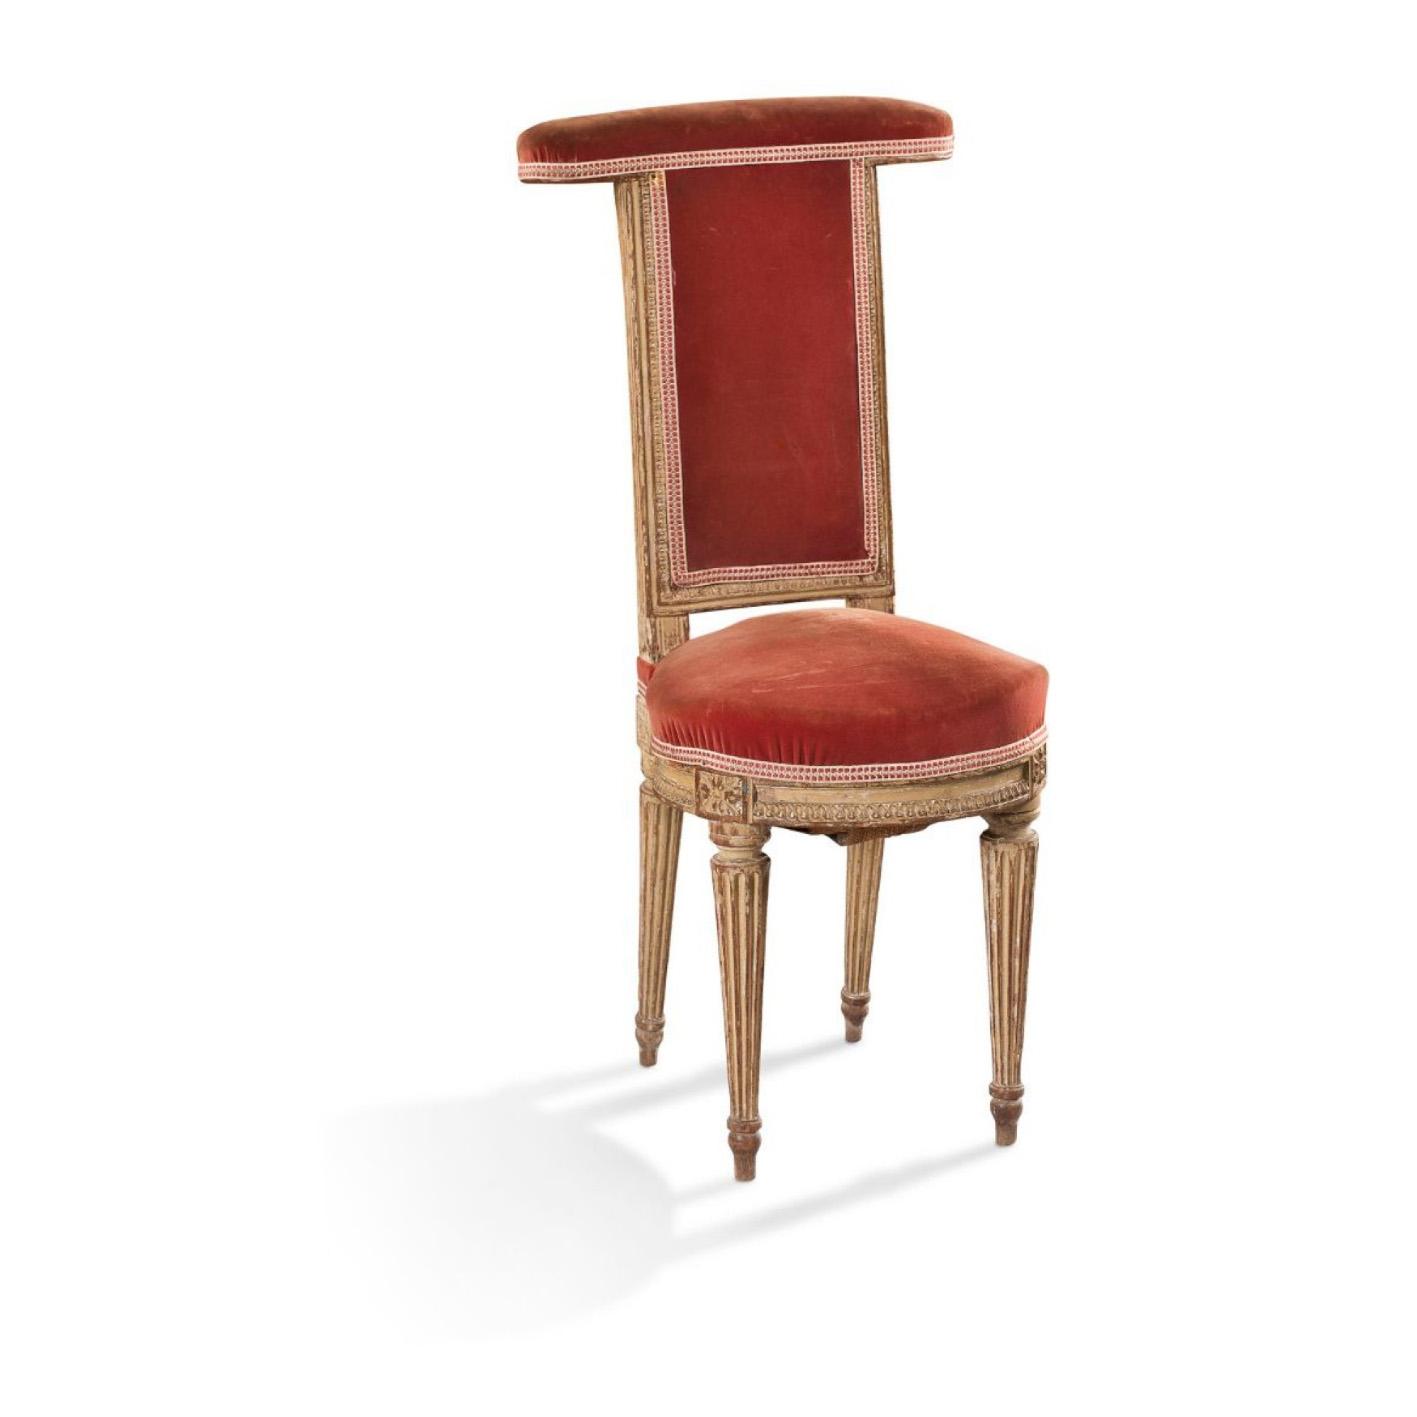 1275€ Époque LouisXVI, chaise ponteuse en bois laqué crème, pieds fuselés cannelés, 94x44x43cm. Neuilly, 20décembre 2016. Aguttes